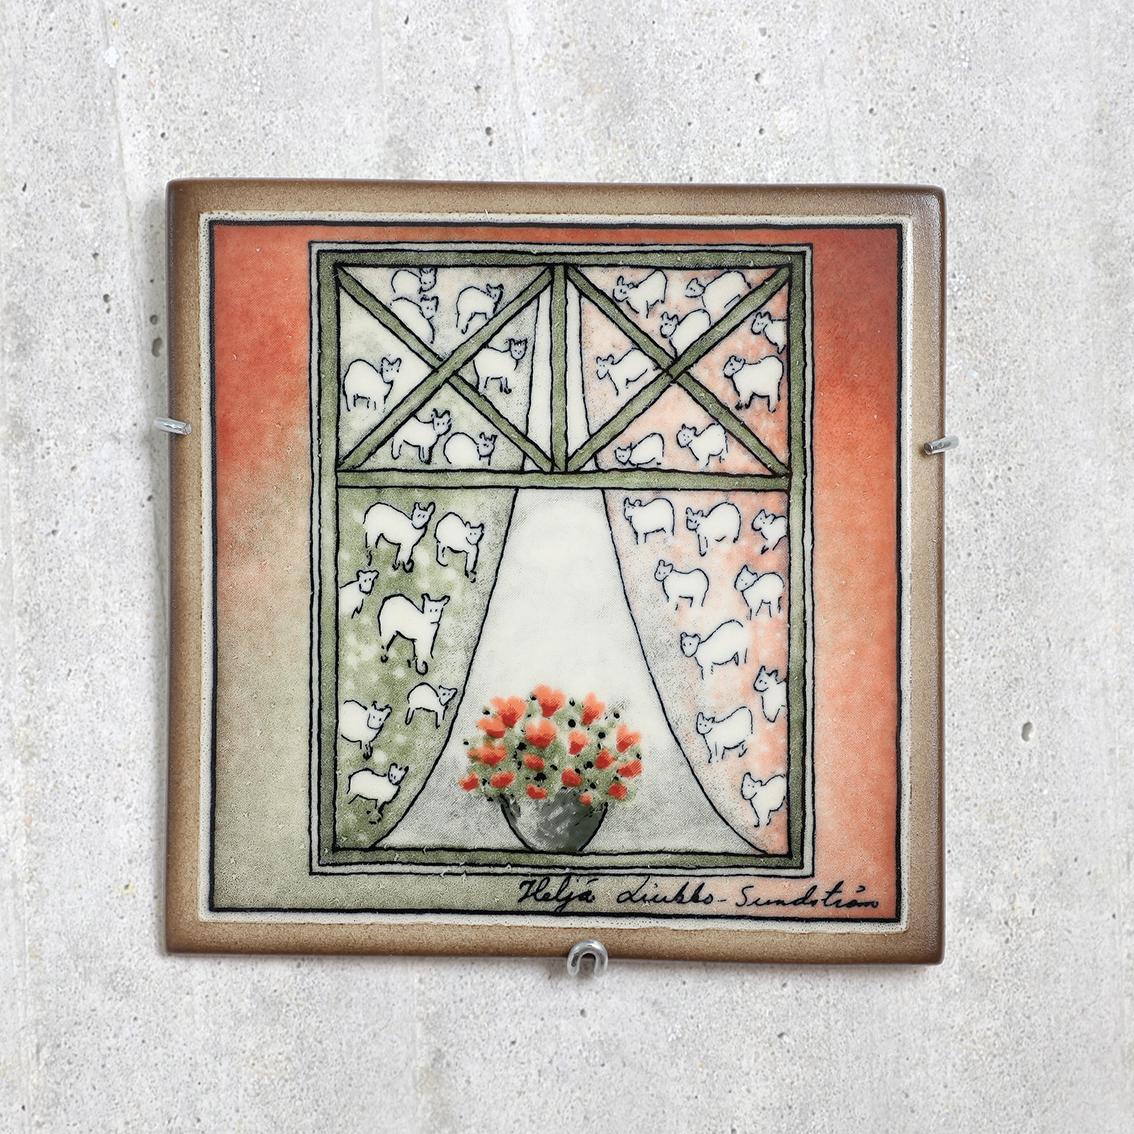 ARABIA アラビア Helja Liukko-Sundstrom ヘルヤ リウッコ スンドストロム 素敵な家の陶板(オリジナルBOX付) 北欧ヴィンテージ